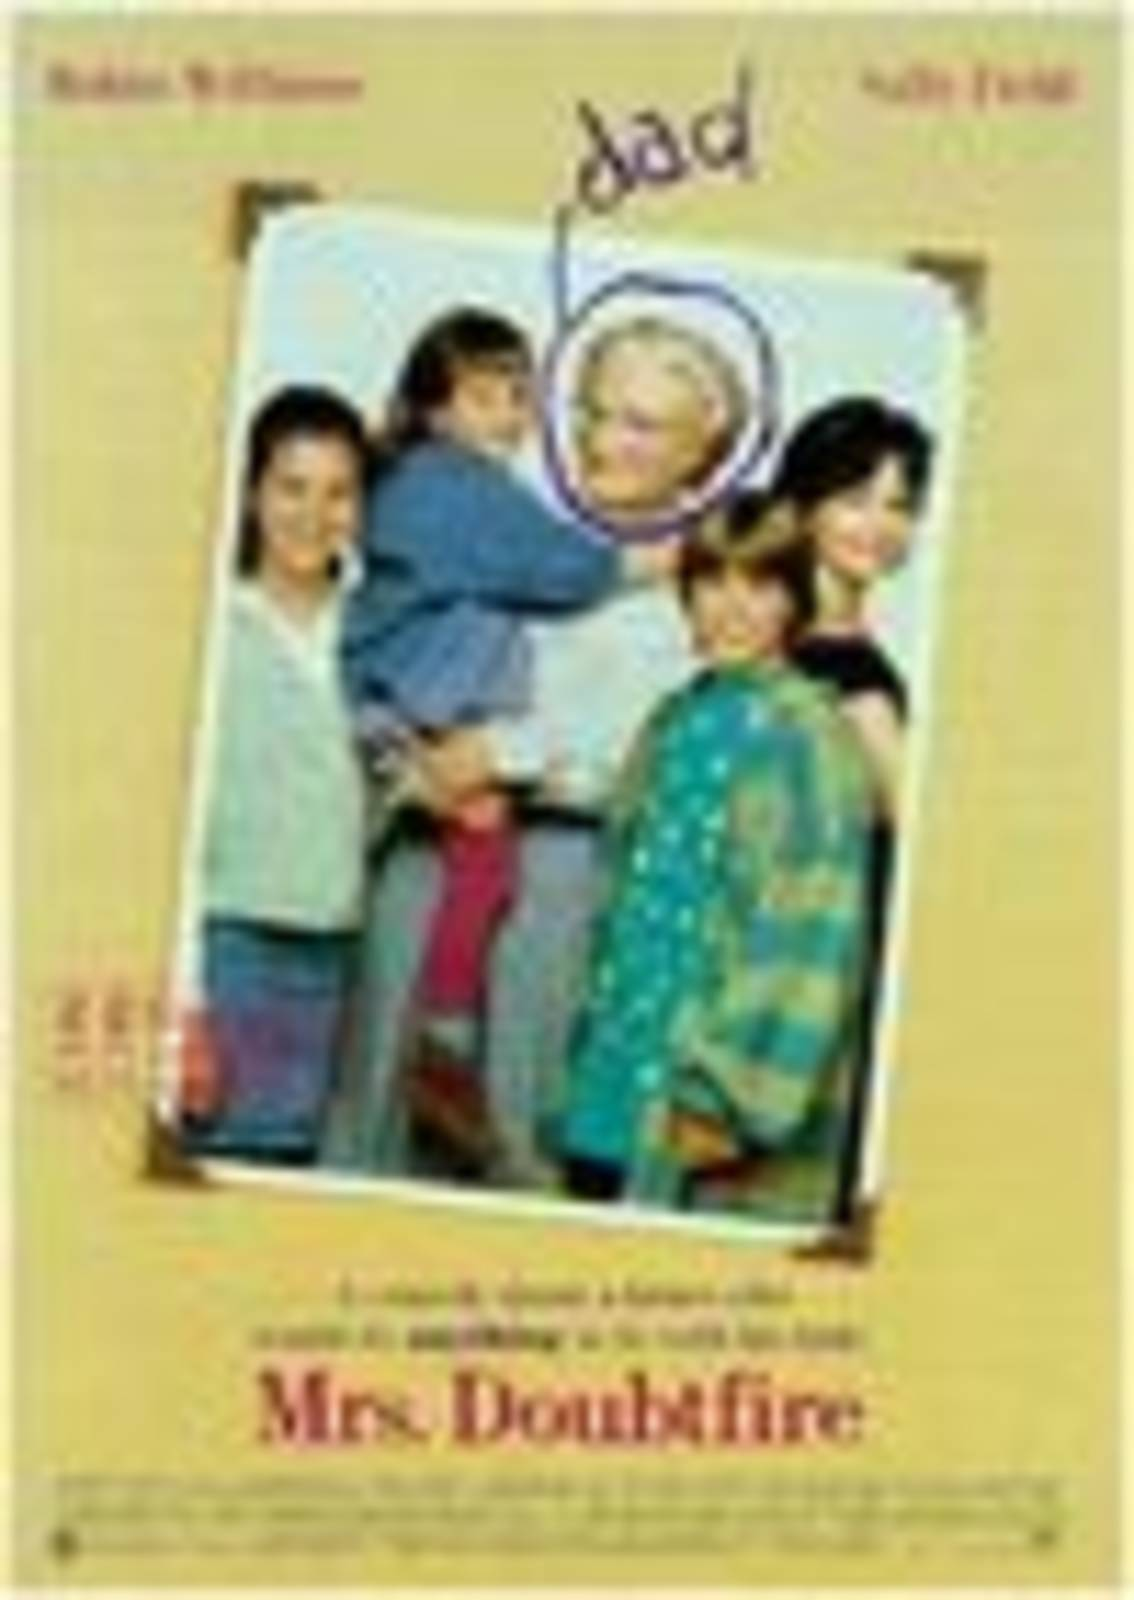 mrs doubtfire socio cultural Movie family analysis on studybaycom - nursing, essay - jasmine.